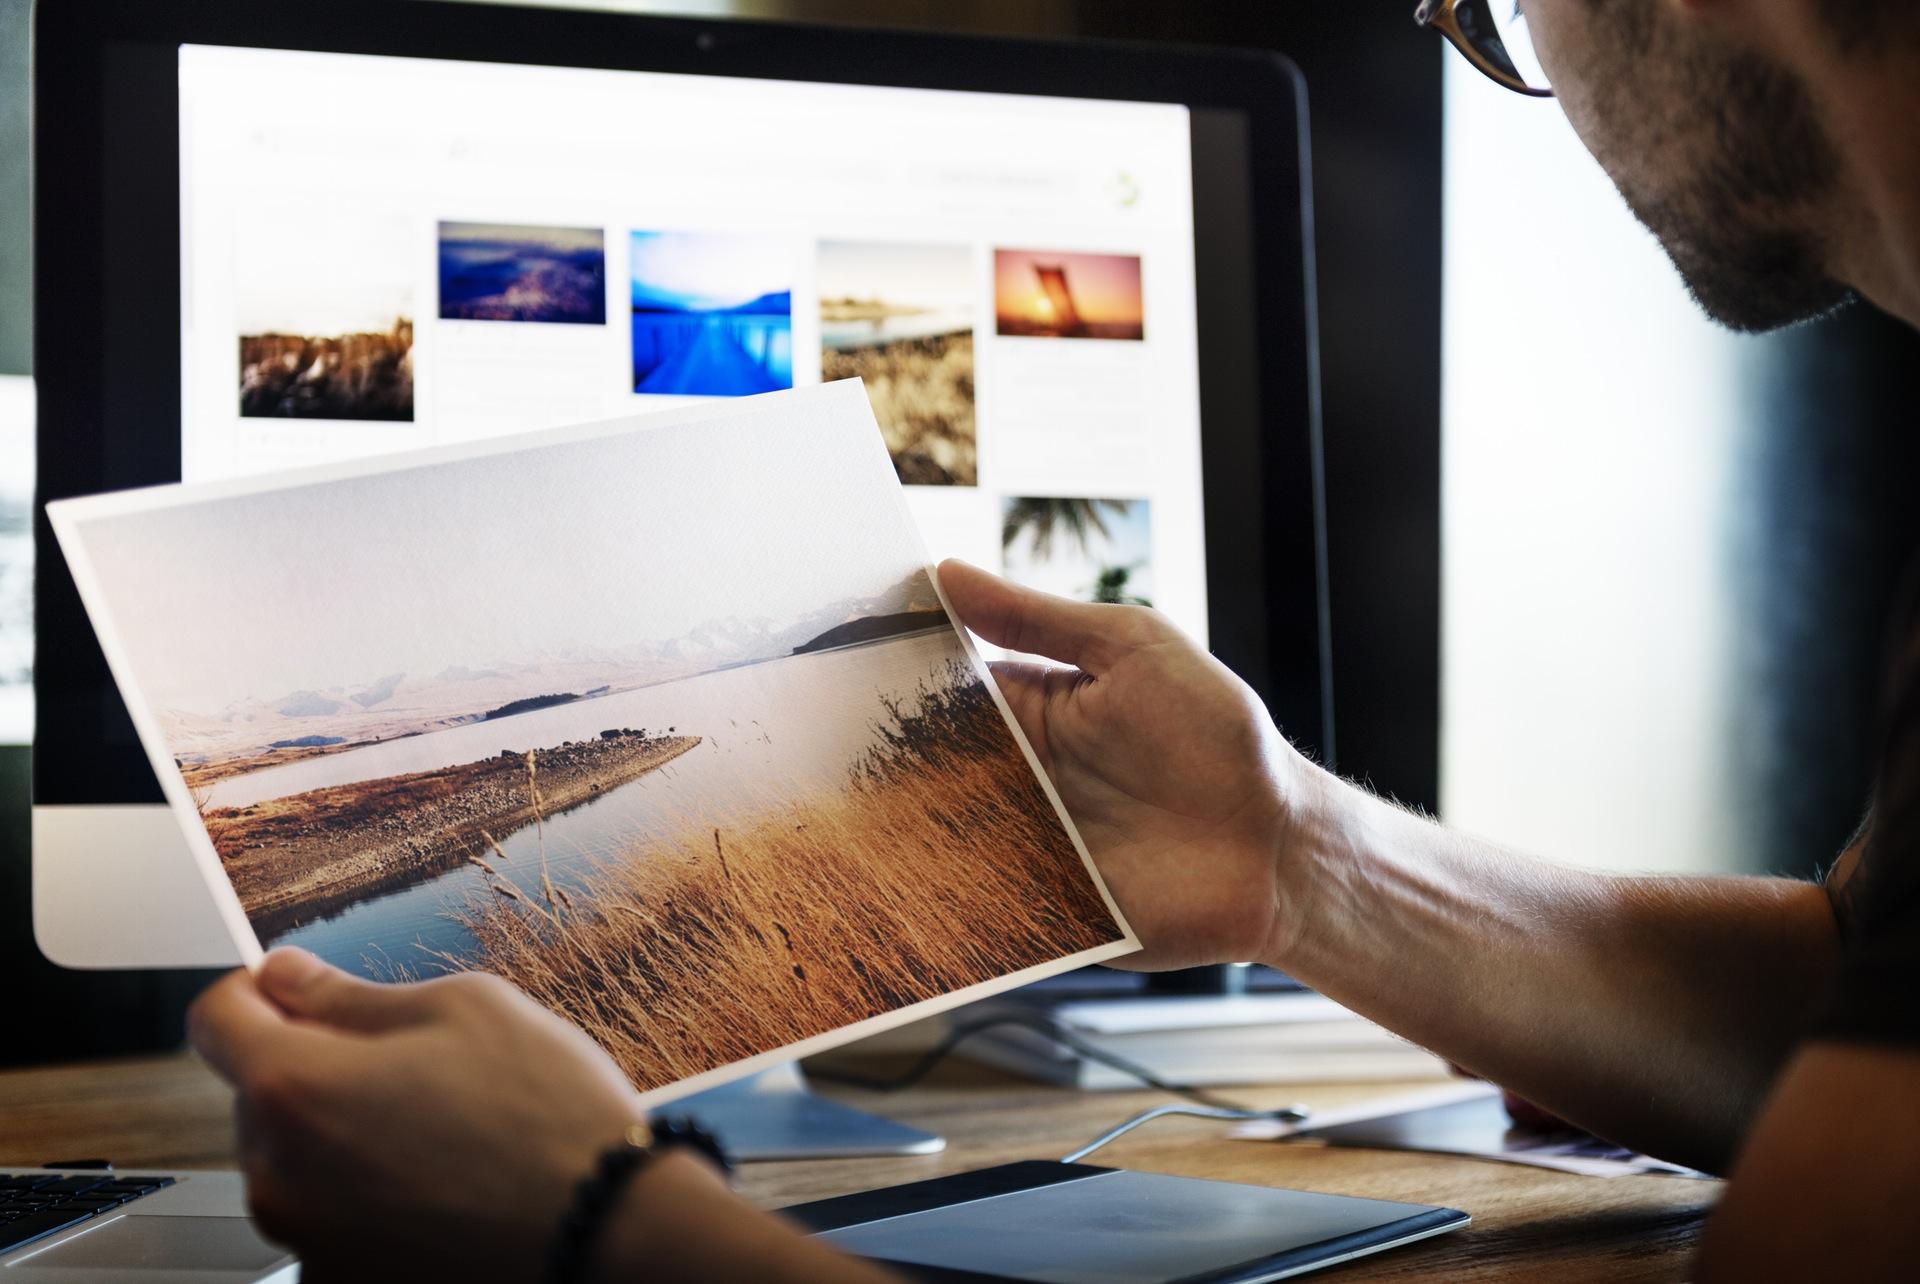 Formati immagine per il web: come sceglierli?